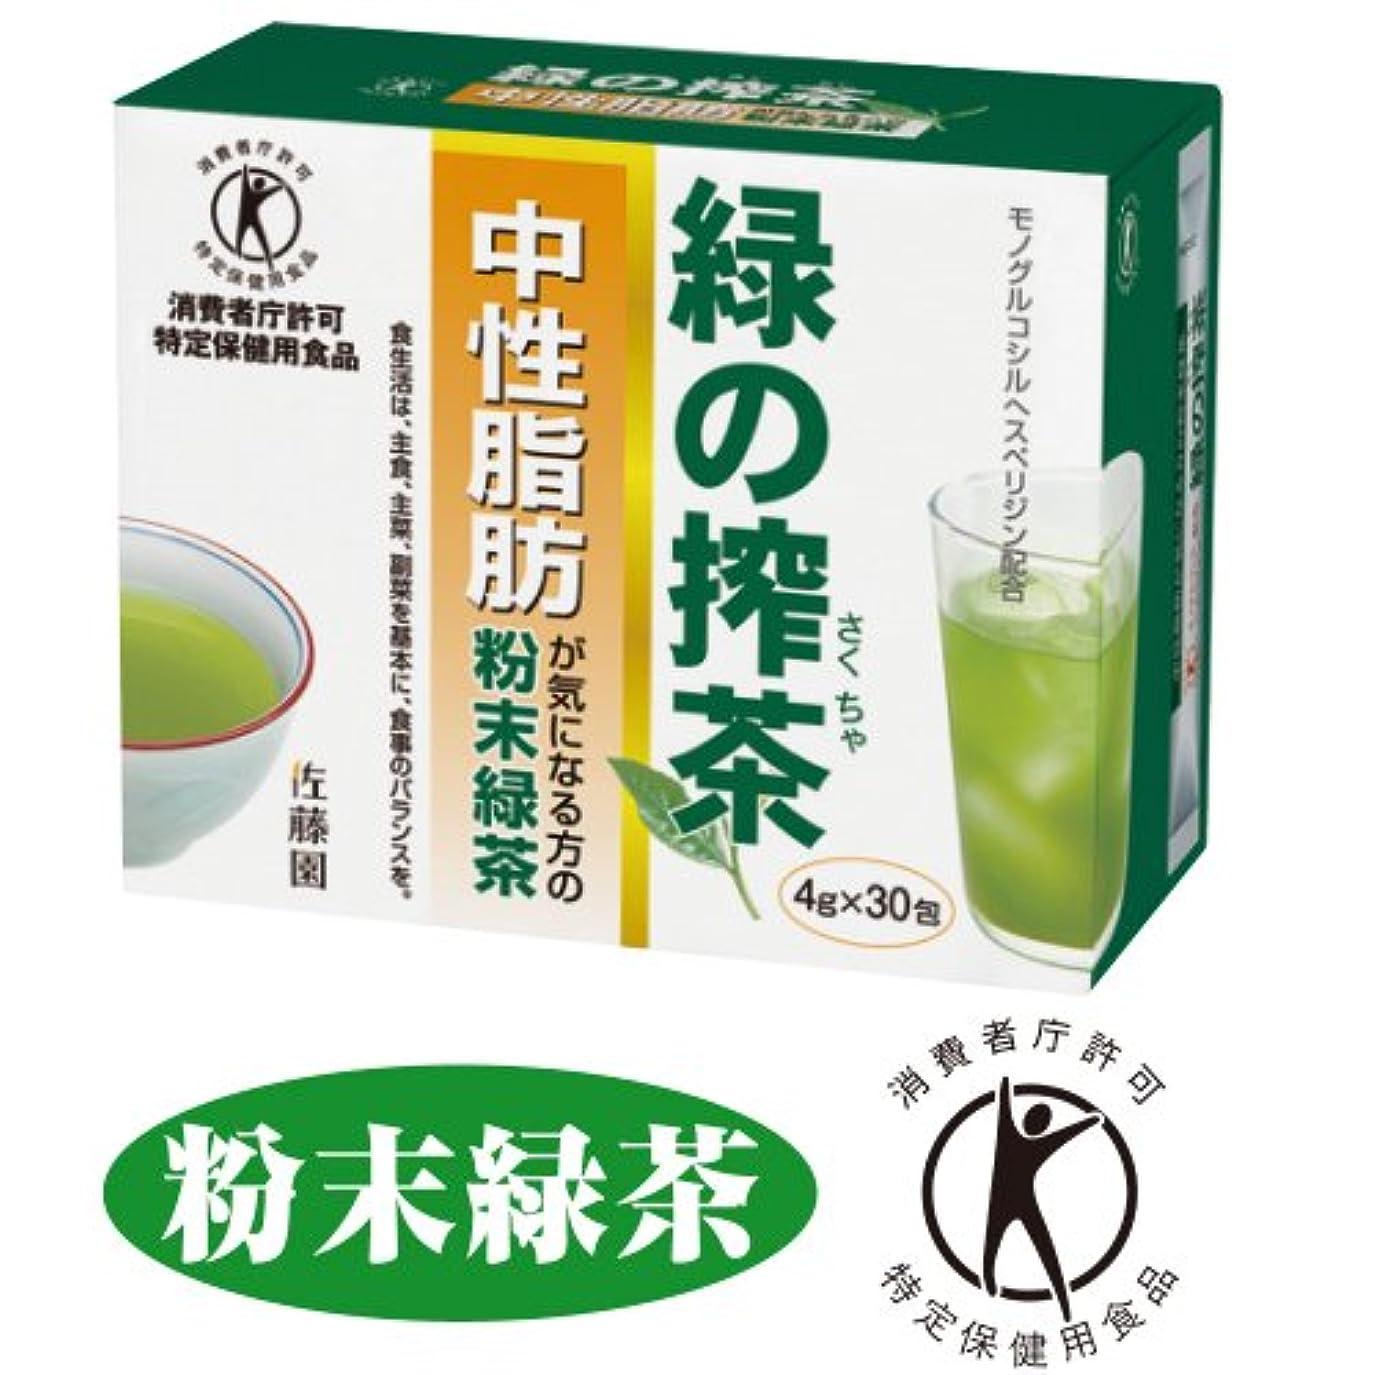 抗生物質ながら要塞佐藤園のトクホのお茶 緑の搾茶(中性脂肪) 30包 [特定保健用食品]